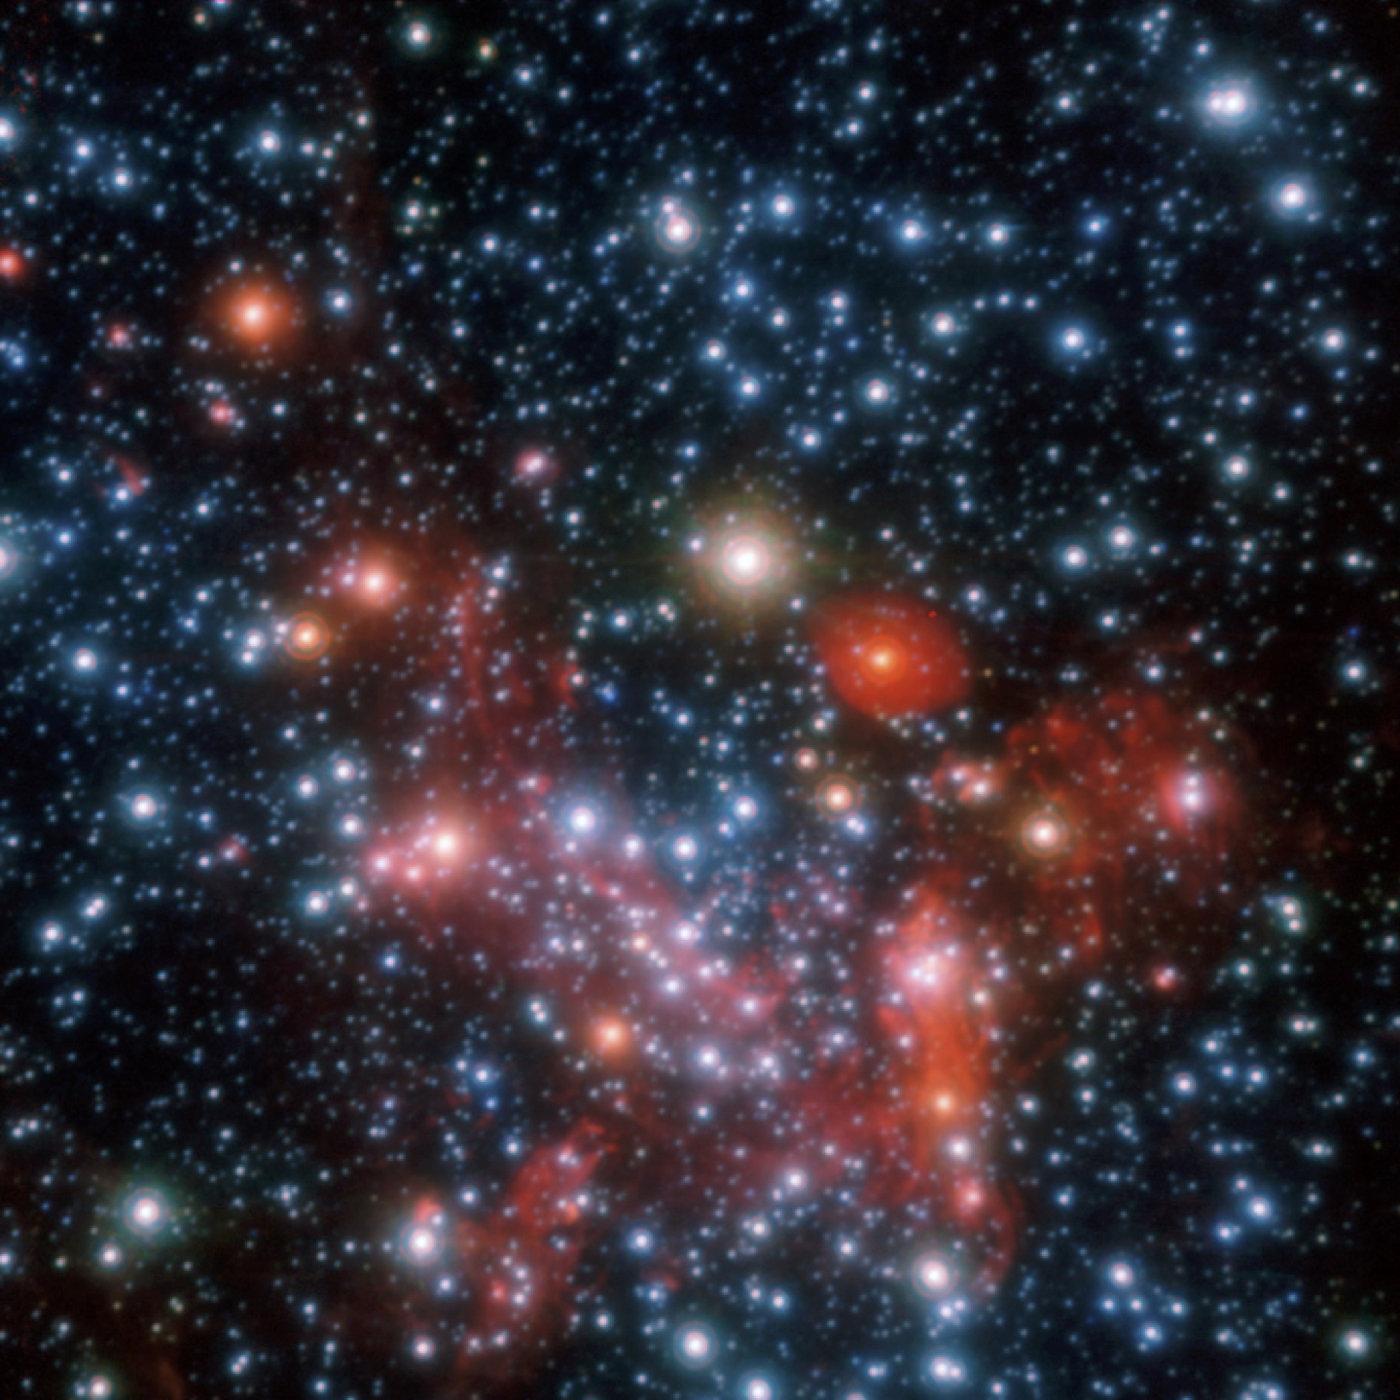 Immagine in banda H e K combinata del centro galattico